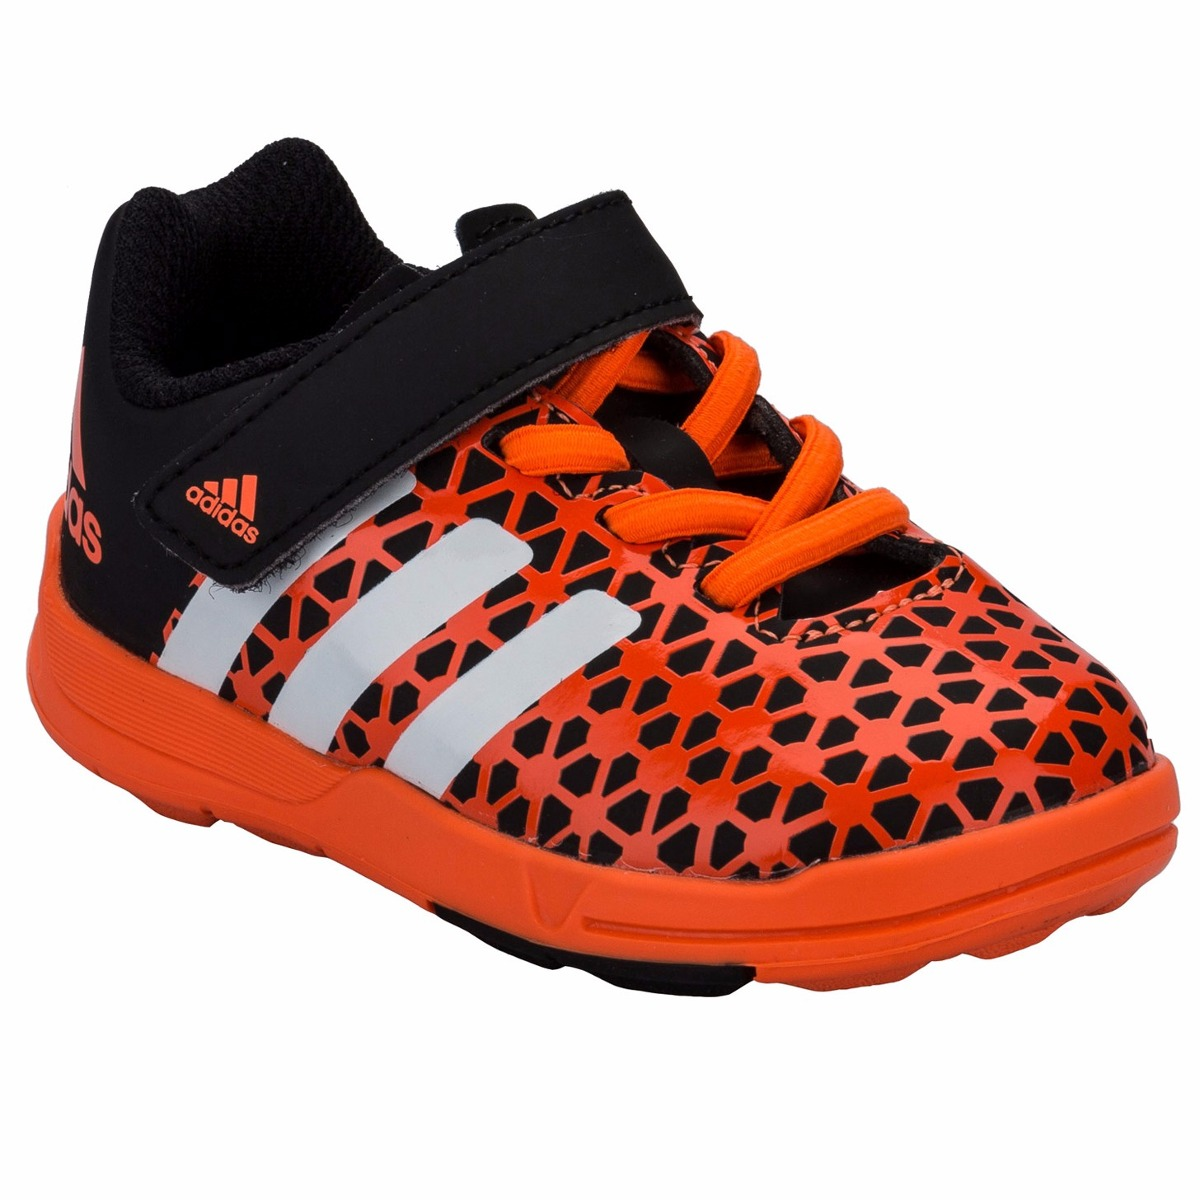 499 Fb Sintetico Niño Futbol Pasto B23751 00 Adidas Ace Zapatos 7816qx